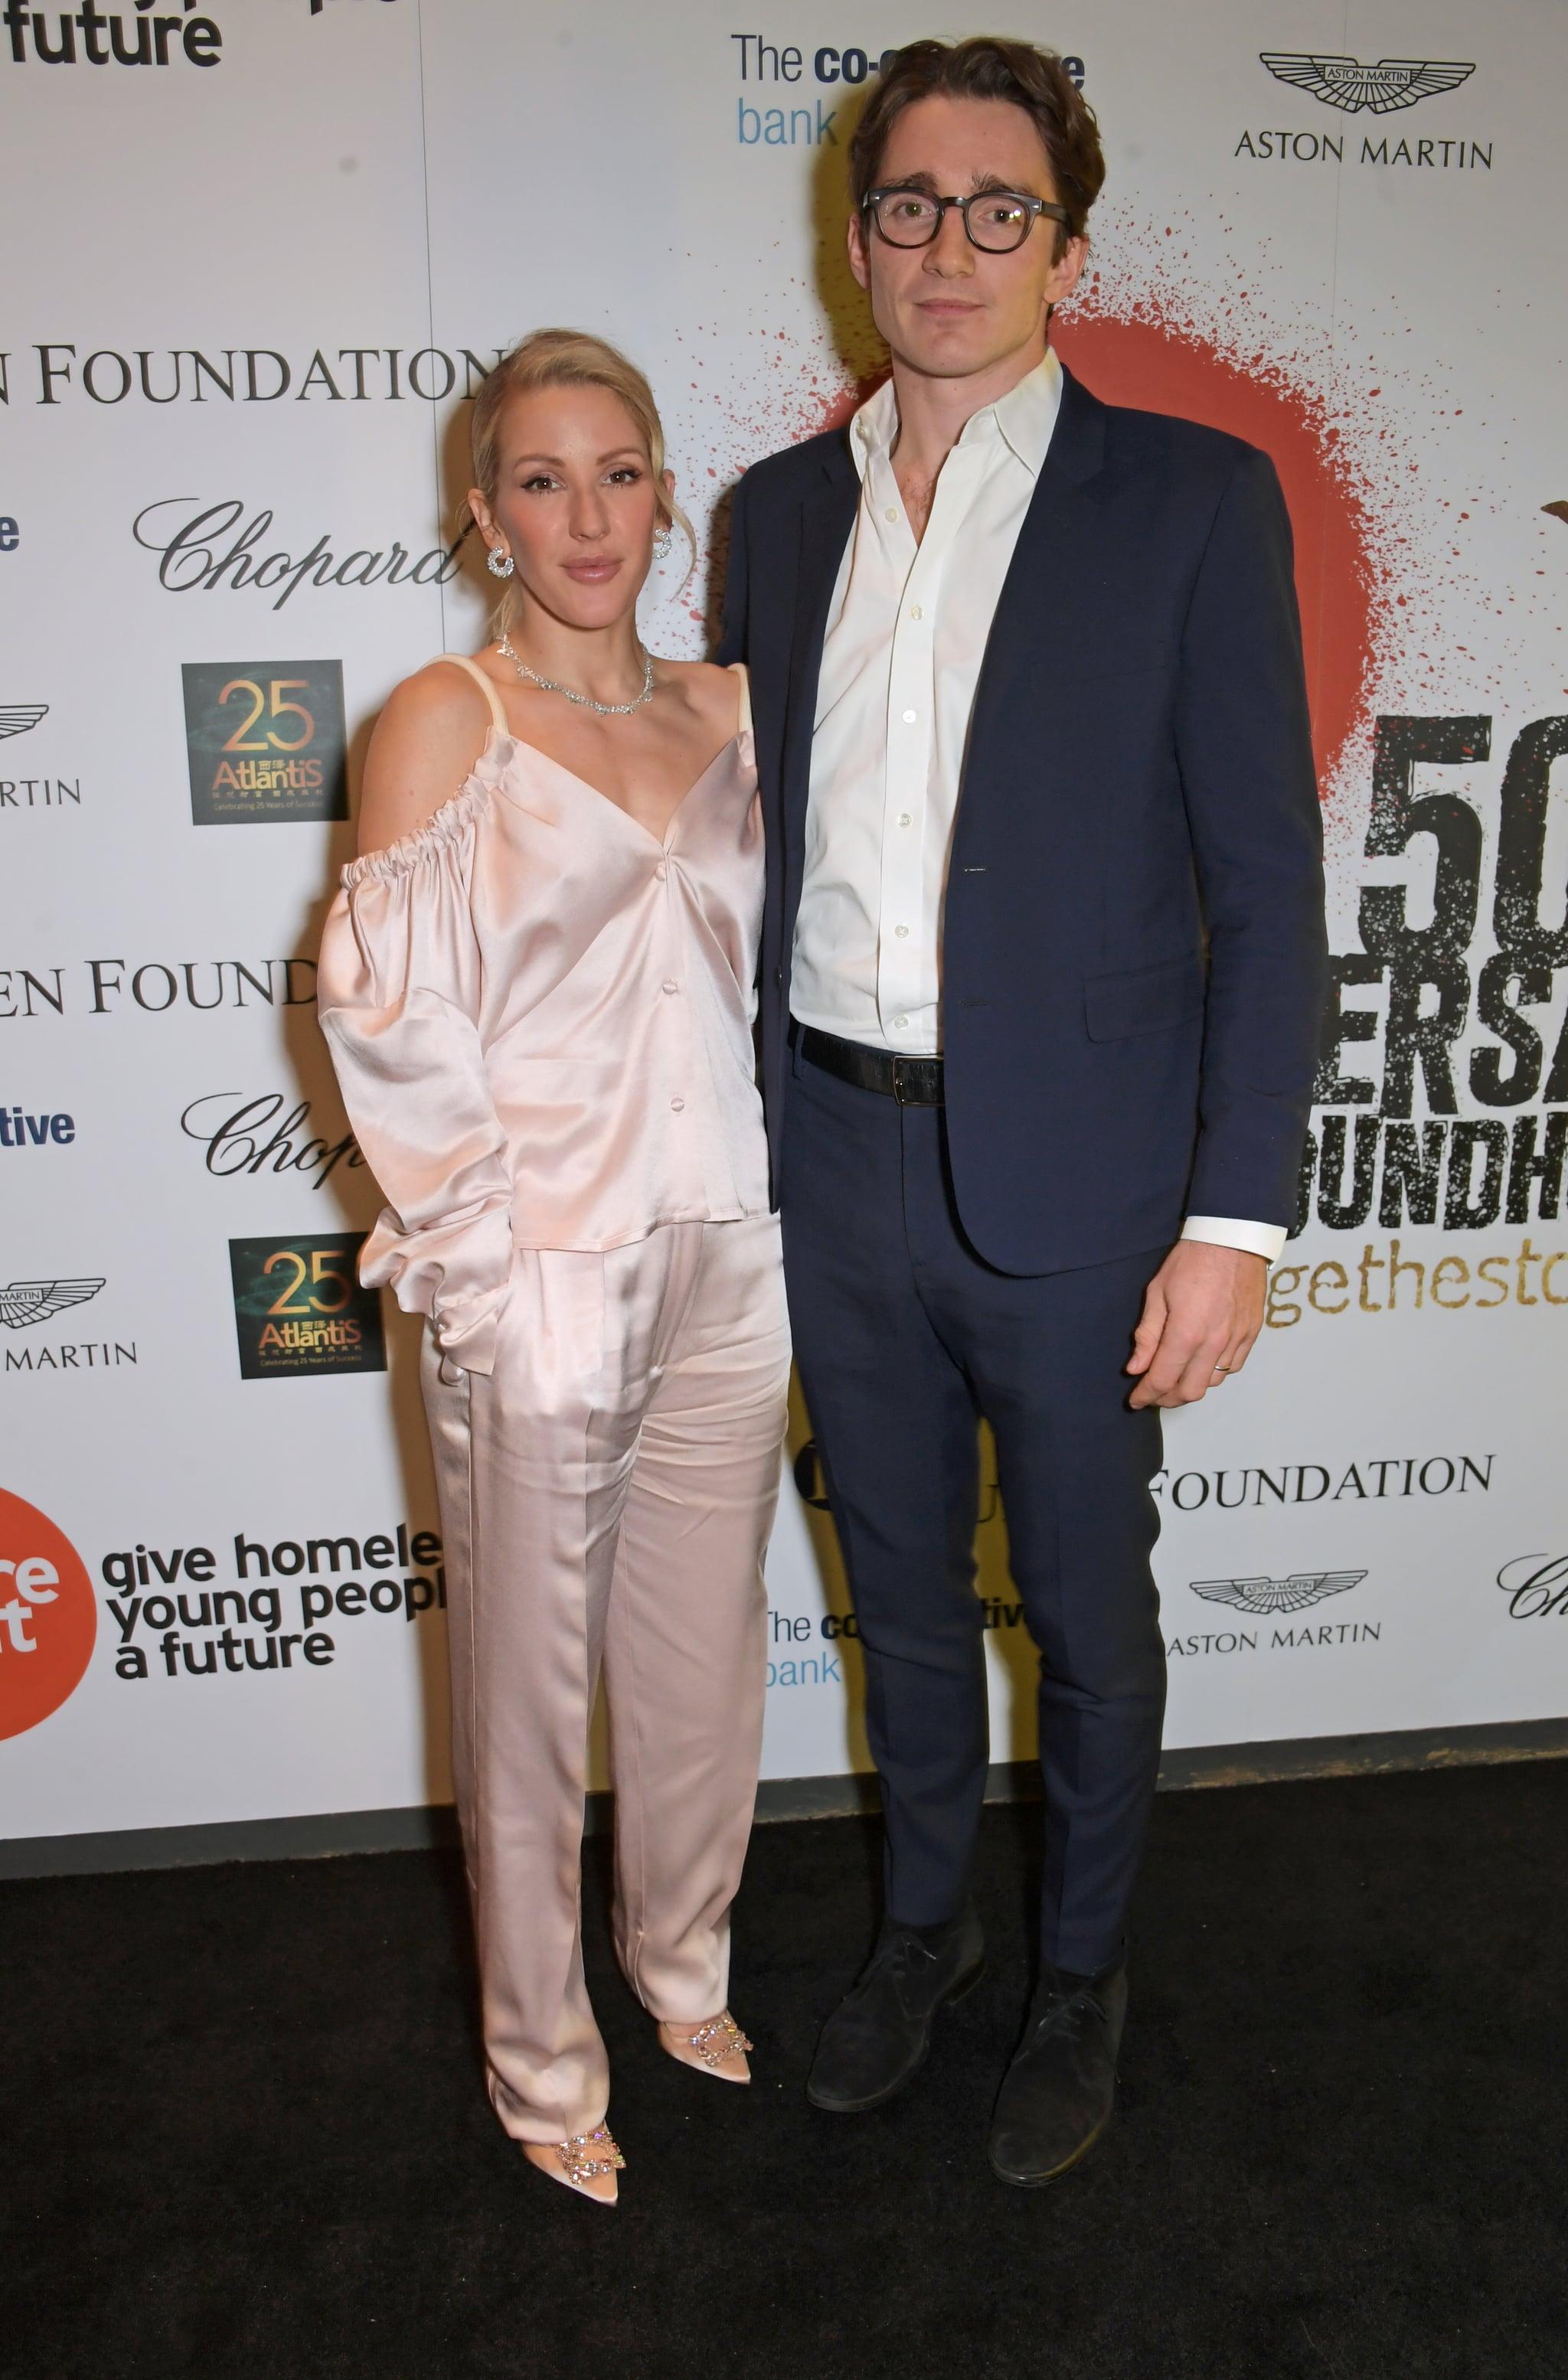 لندن ، انگلستان - 13 نوامبر: الی گولدینگ و کاسپار جاپلینگ به Patron of Centrepoint ، HRH The Duke of Cambridge ، جوانان تحت حمایت Centrepoint و کارمندان ، سفرا و حامیان خیریه به مناسبت 50 سال مبارزه با بی خانمانی جوانان در این سازمان پیوستند. Roundhouse در 13 نوامبر 2019 در لندن ، انگلیس.  Duran Duran ، Rita Ora و حسین Manawer همگی در این مراسم برنامه اجرا کردند.  (عکس از دیوید ام. بنت / دیو بنت / گتی ایماژ برای Centrepoint)